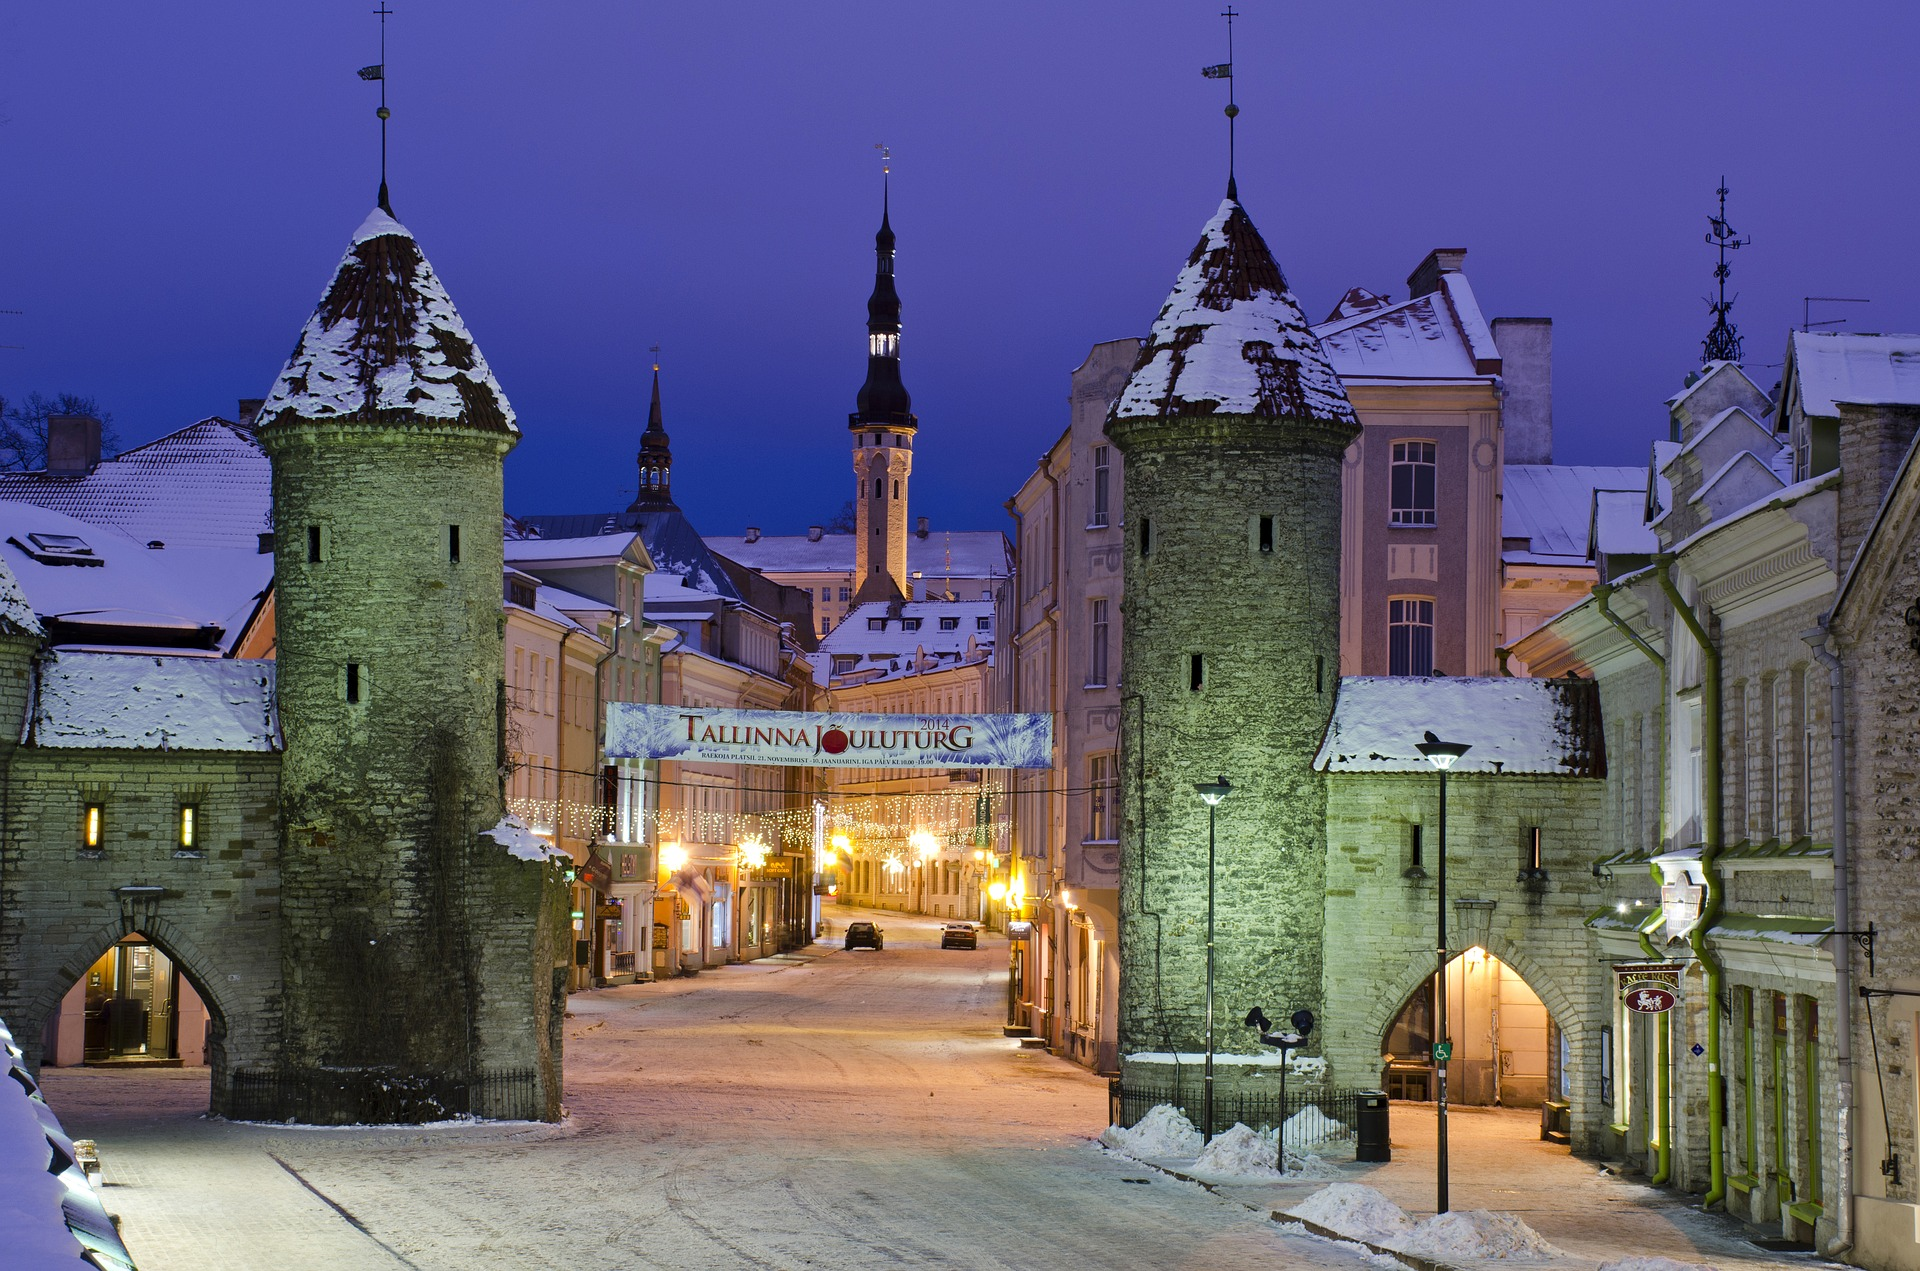 estonia-2797148_1920.jpg